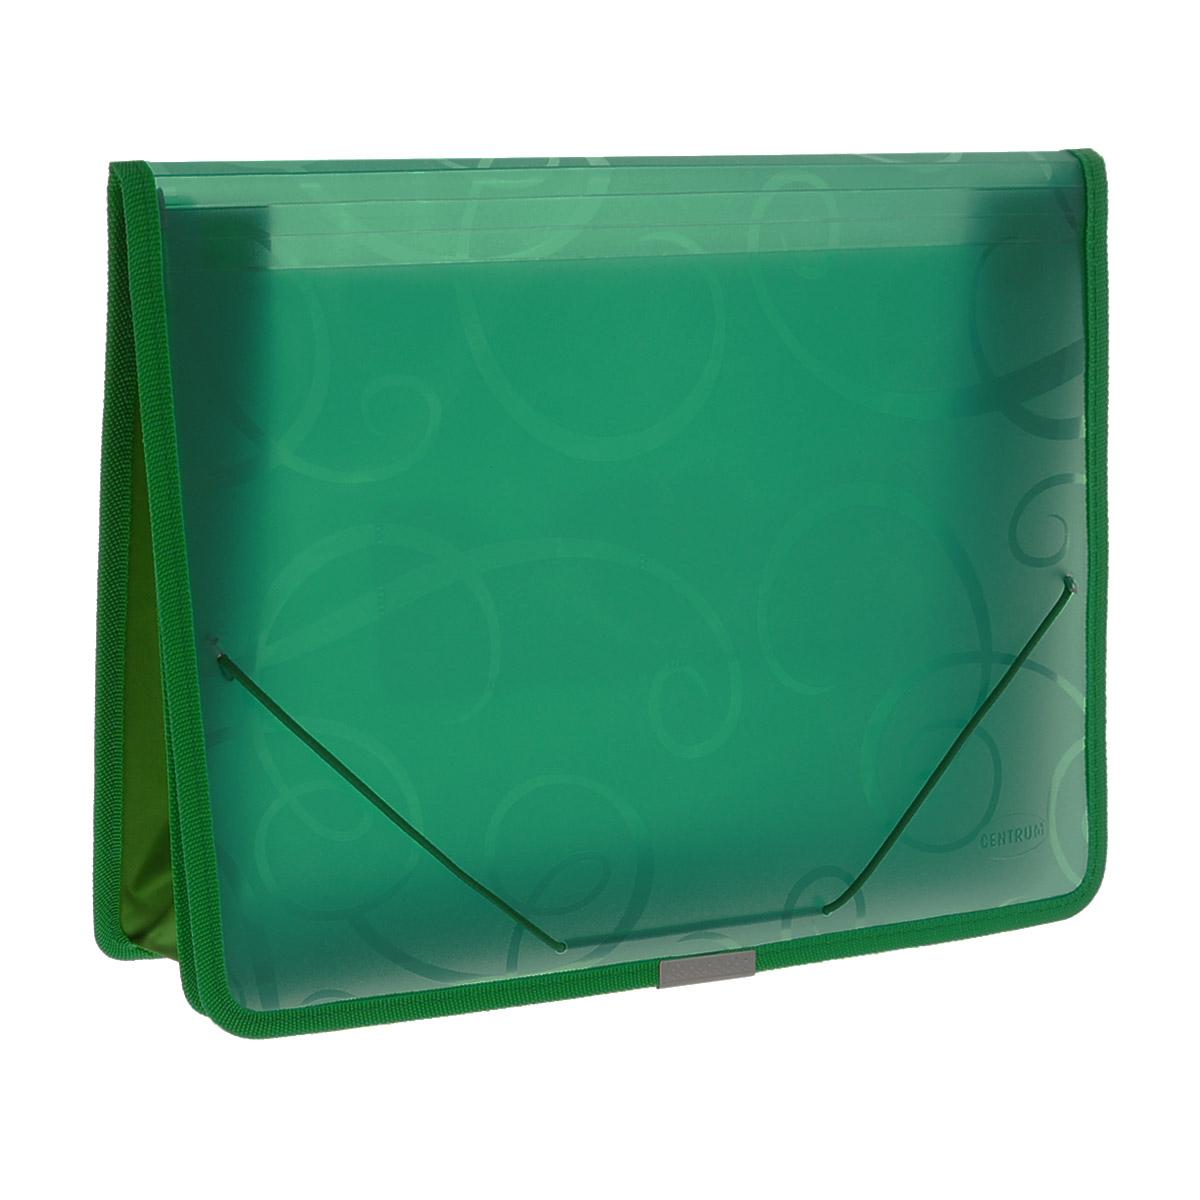 Папка на резинке Centrum, цвет: зеленый, формат А4. 8080280802_зеленыйПапка на резинке Centrum станет вашим верным помощником дома и в офисе. Это удобный и функциональный инструмент, предназначенный для хранения и транспортировки больших объемов рабочих бумаг и документов формата А4. Папка изготовлена из износостойкого высококачественного пластика. Состоит из одного вместительного отделения и дополнена 2 накладными кармашками. Грани папки отделаны полиэстером и металлическим лейблом для дополнительной прочности и сохранности опрятного вида папки. Папка - это незаменимый атрибут для любого студента, школьника или офисного работника. Такая папка надежно сохранит ваши бумаги и сбережет их от повреждений, пыли и влаги.